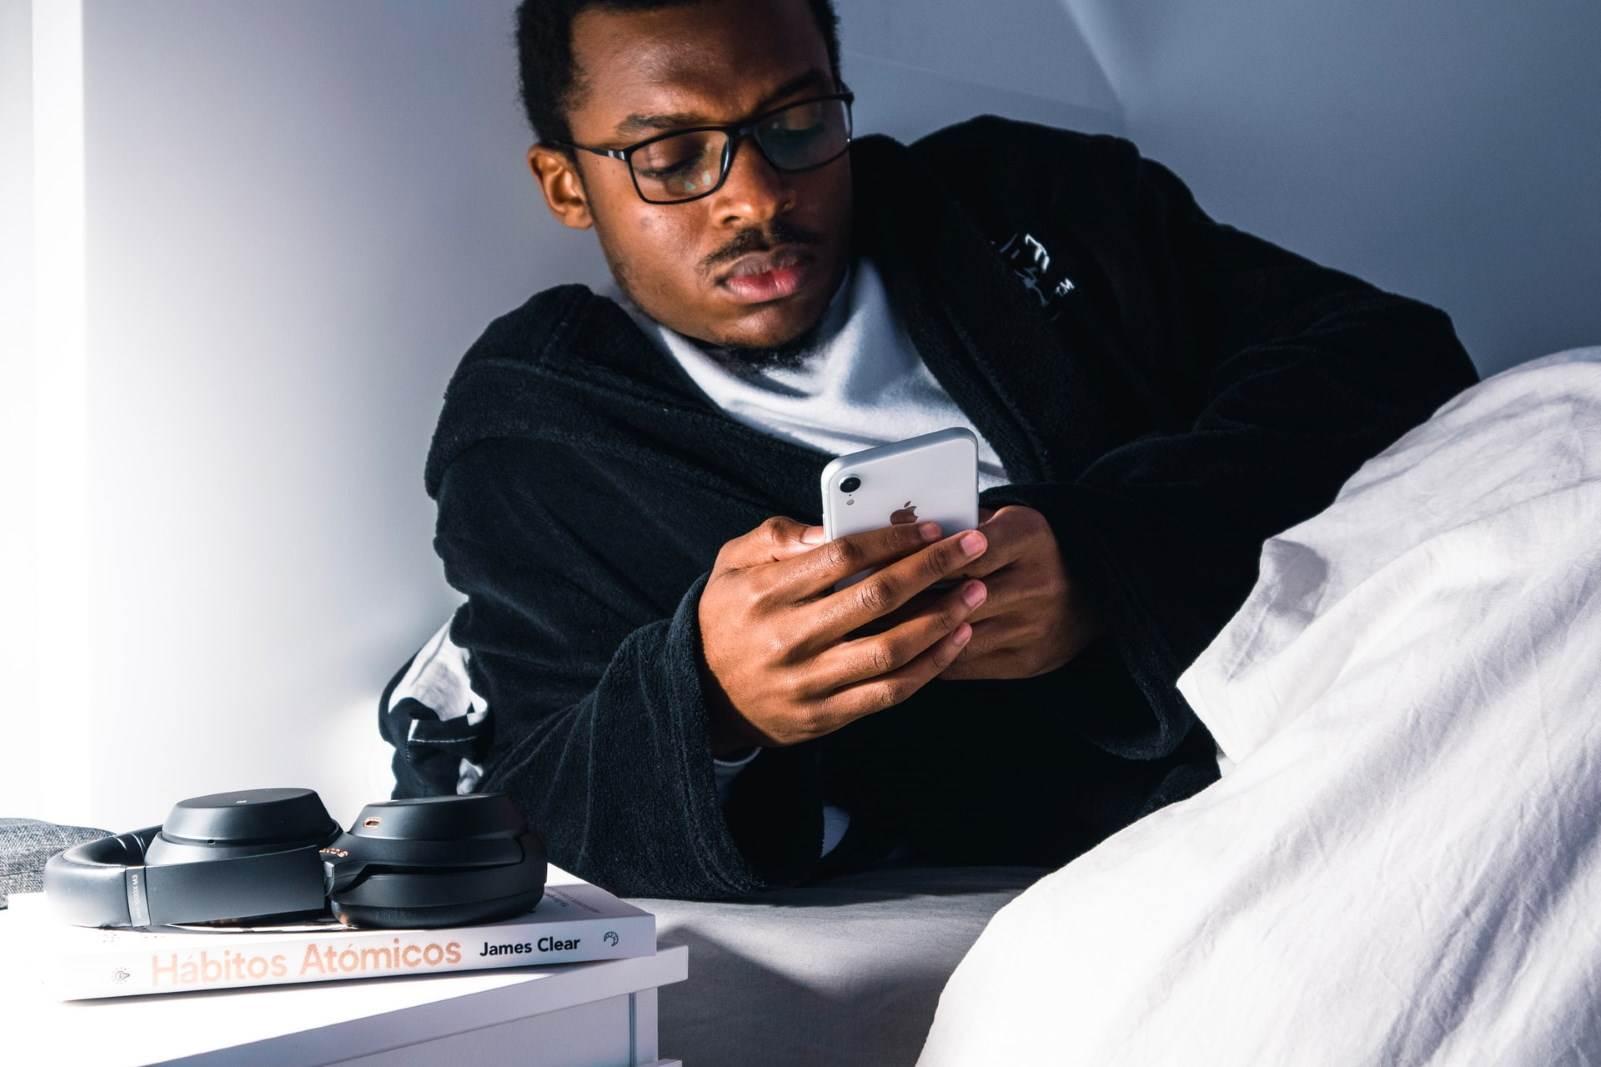 Telefon u krevetu pred spavanje nije dobra ideja